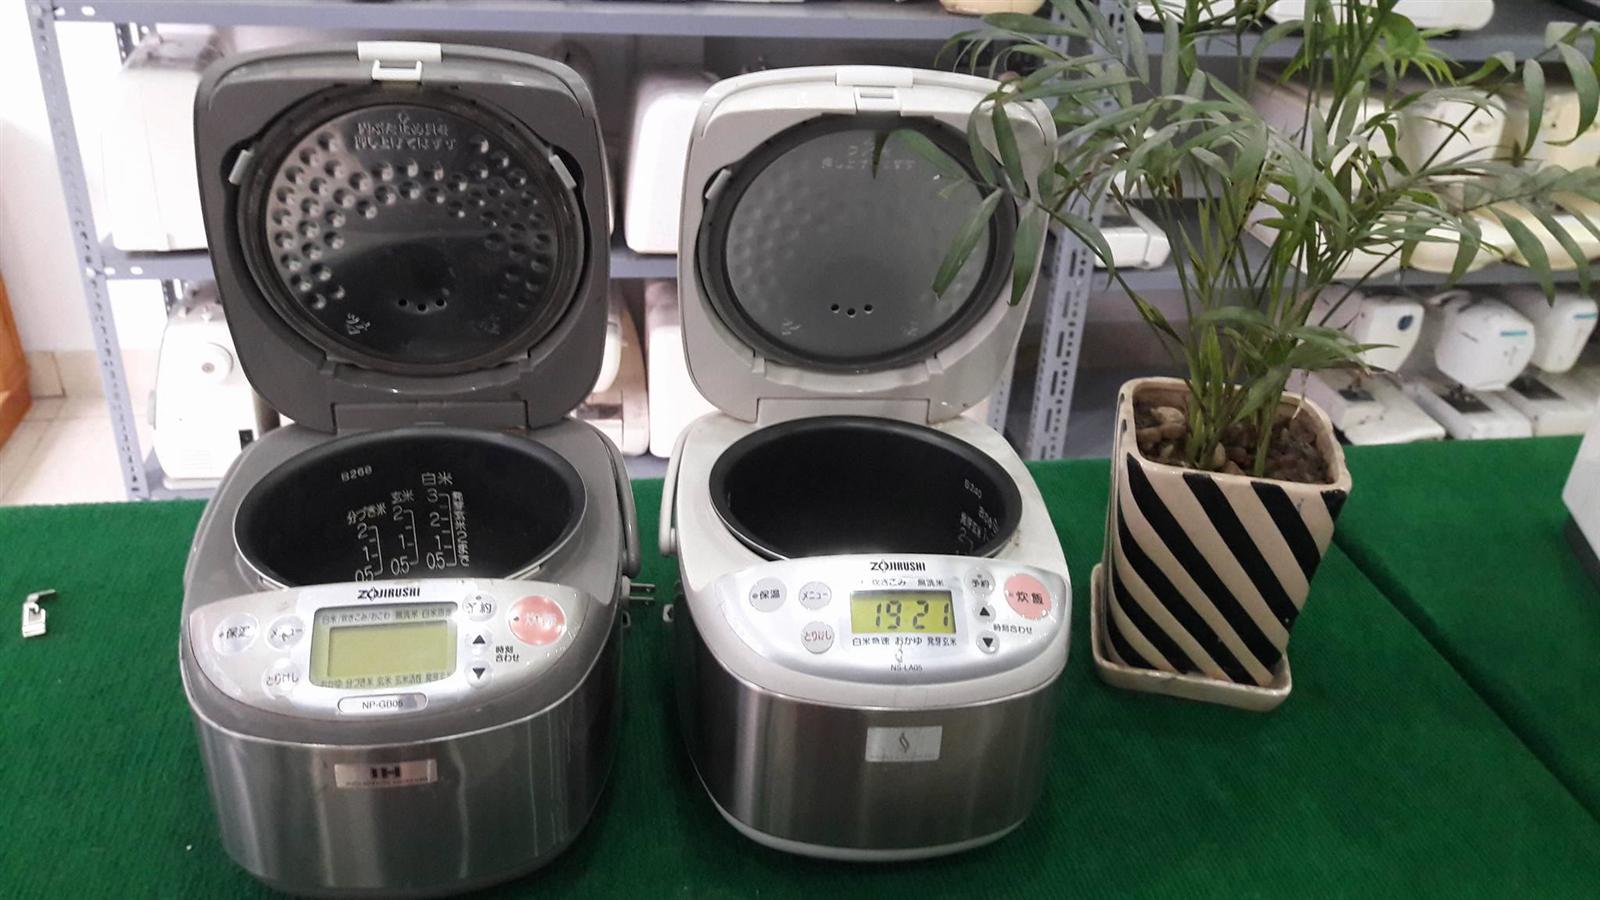 Nồi cơm điện cao tần ZOJIZUSHI - 0.5l